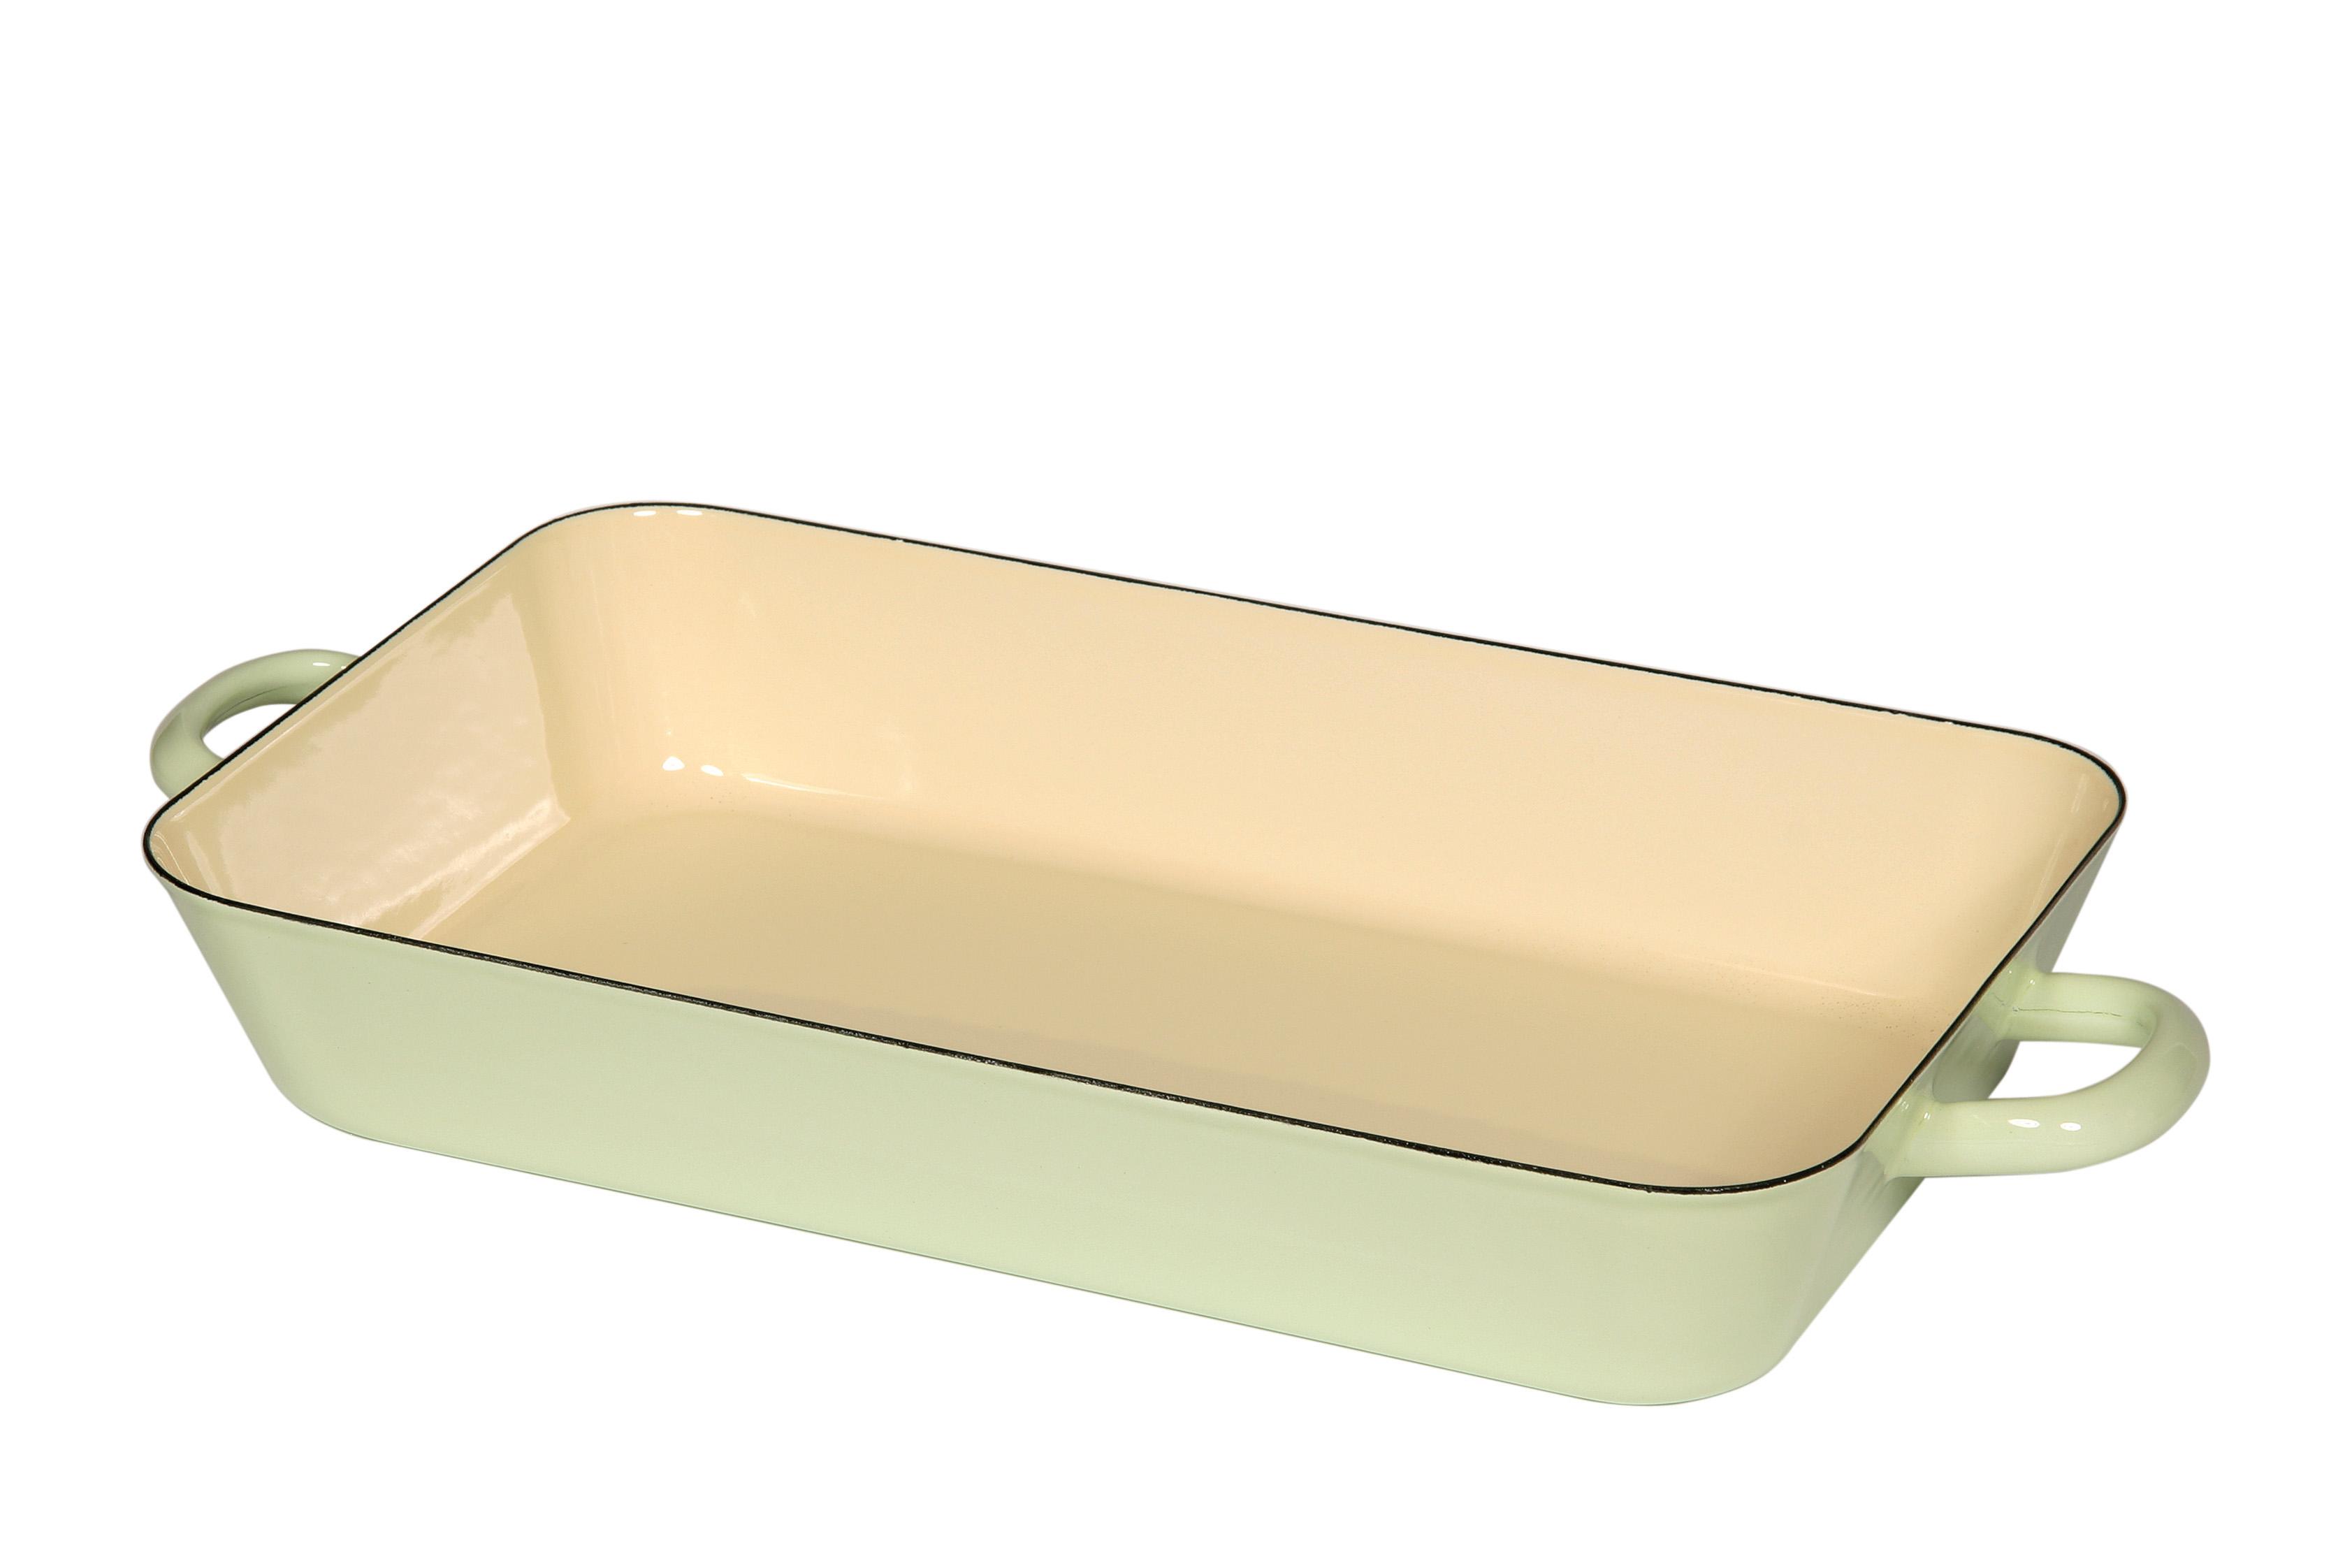 Smaltovaný pekáč zelený 22x37 cm